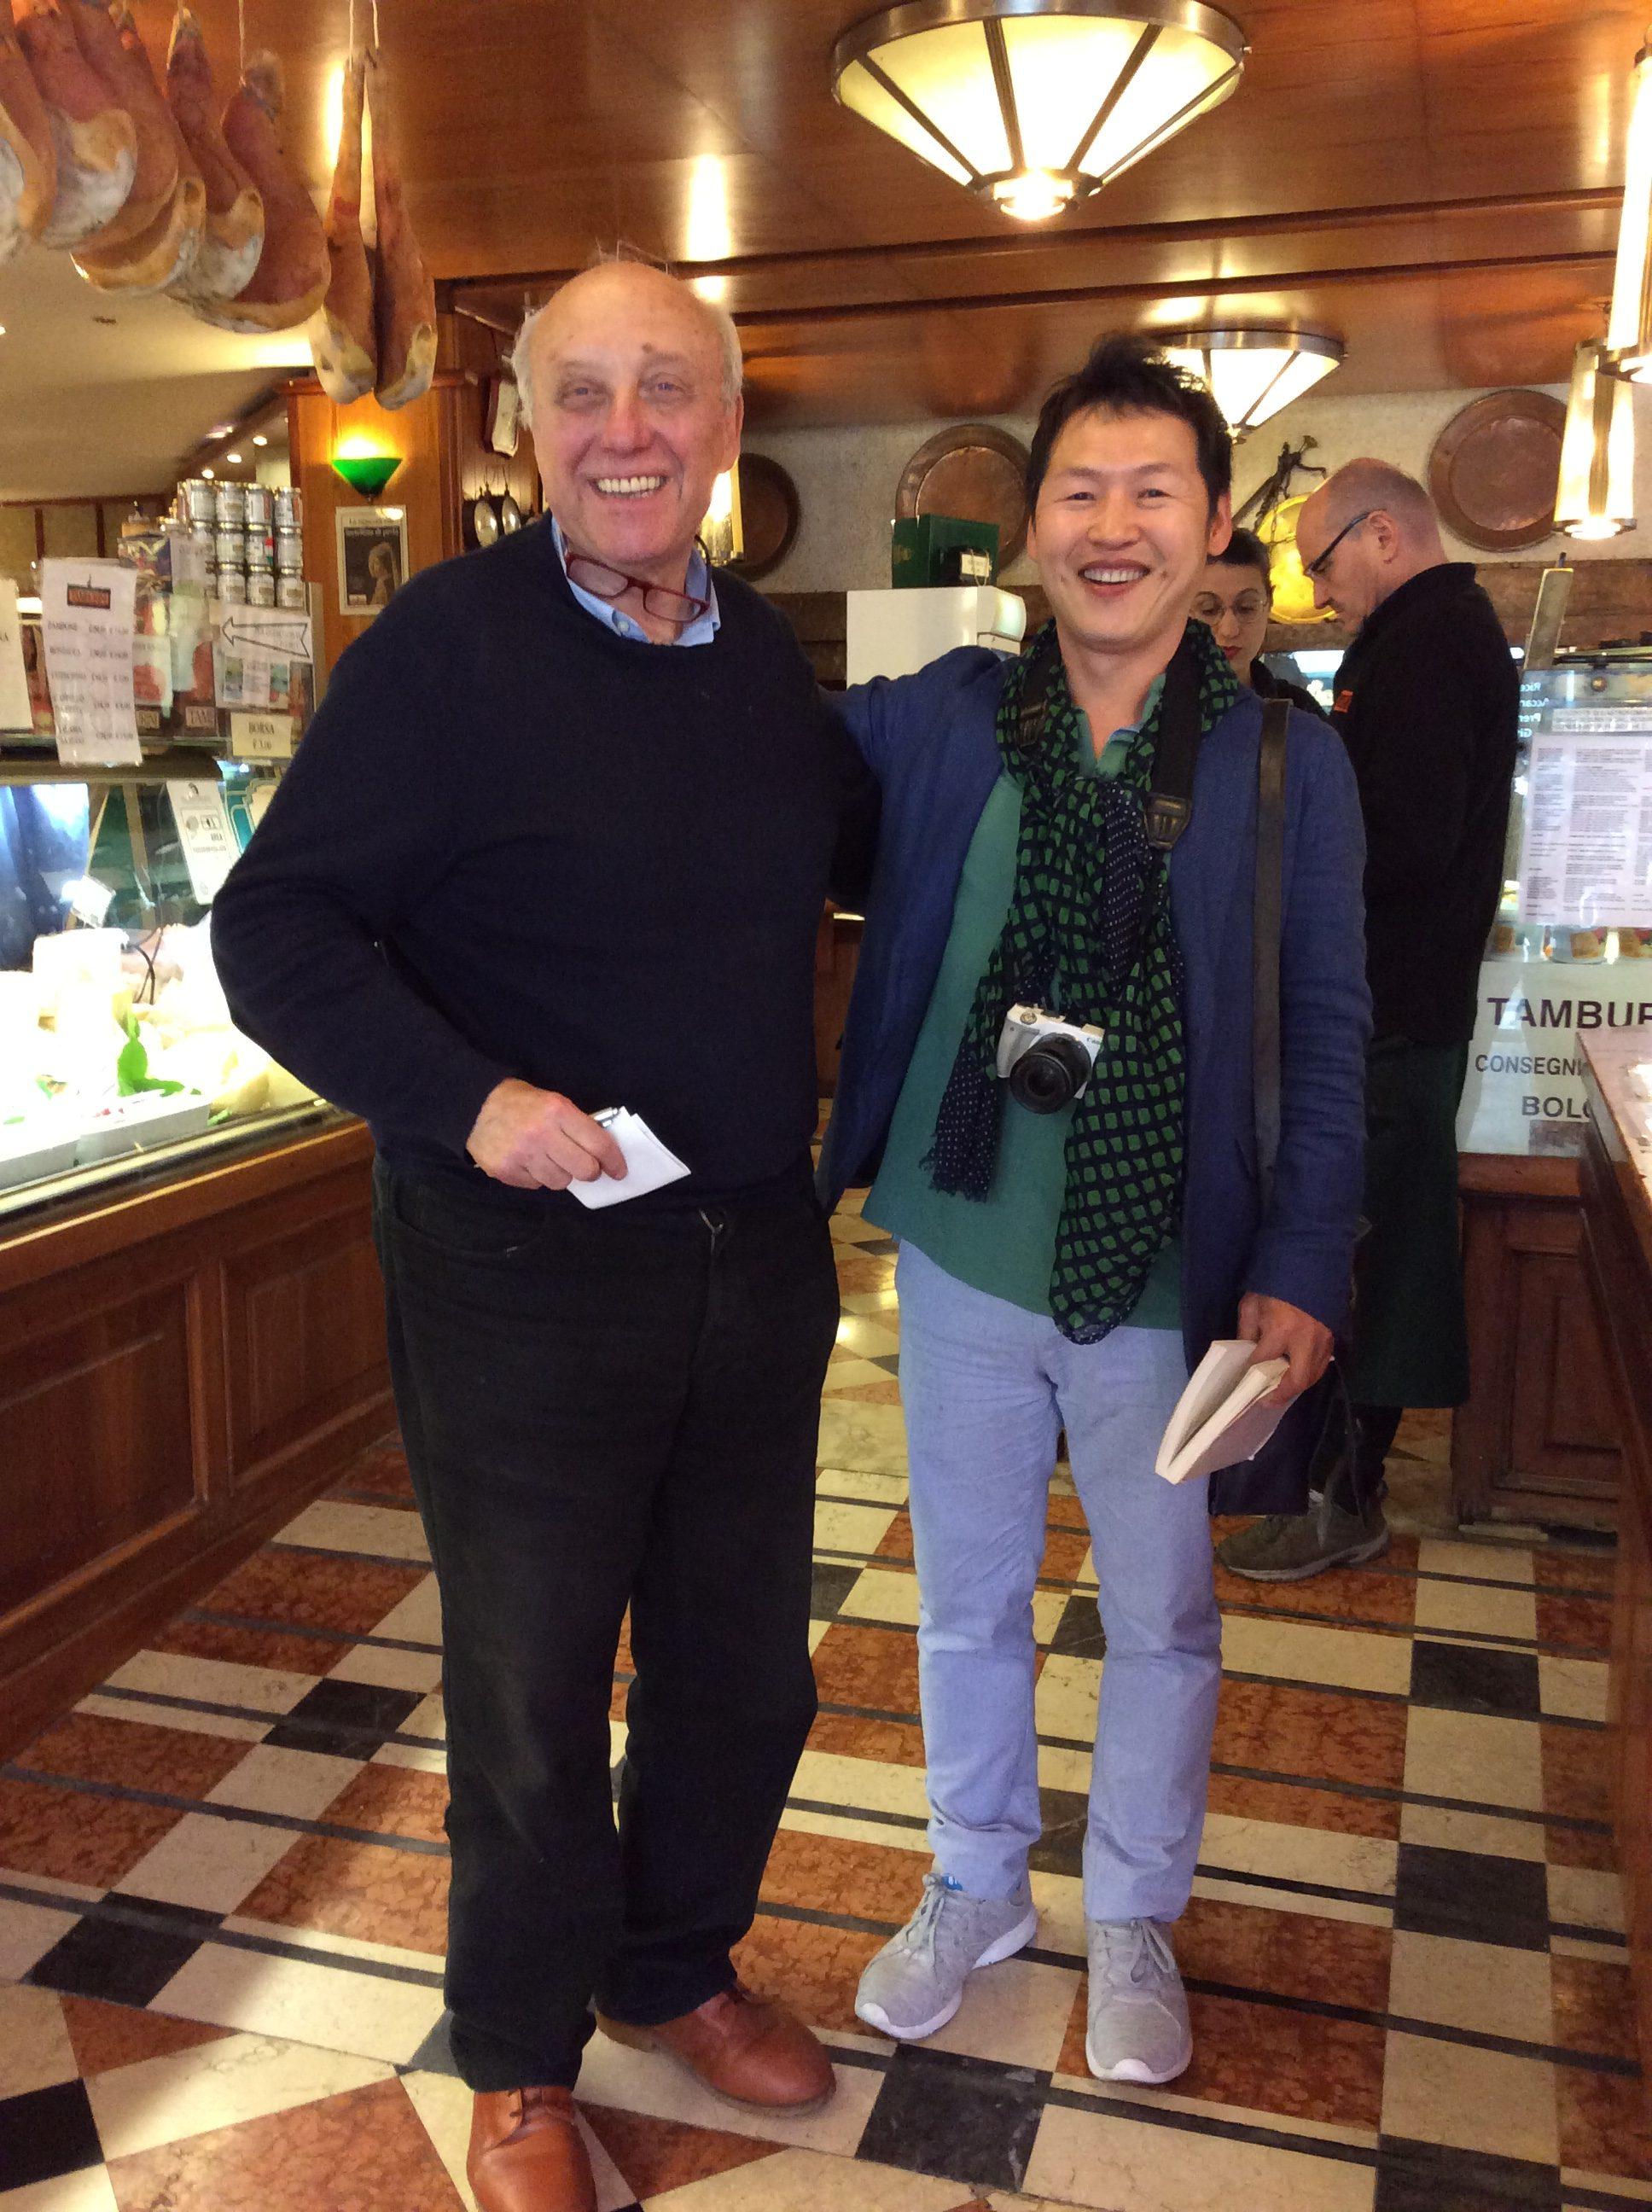 Intervista a Giovanni Tamburini